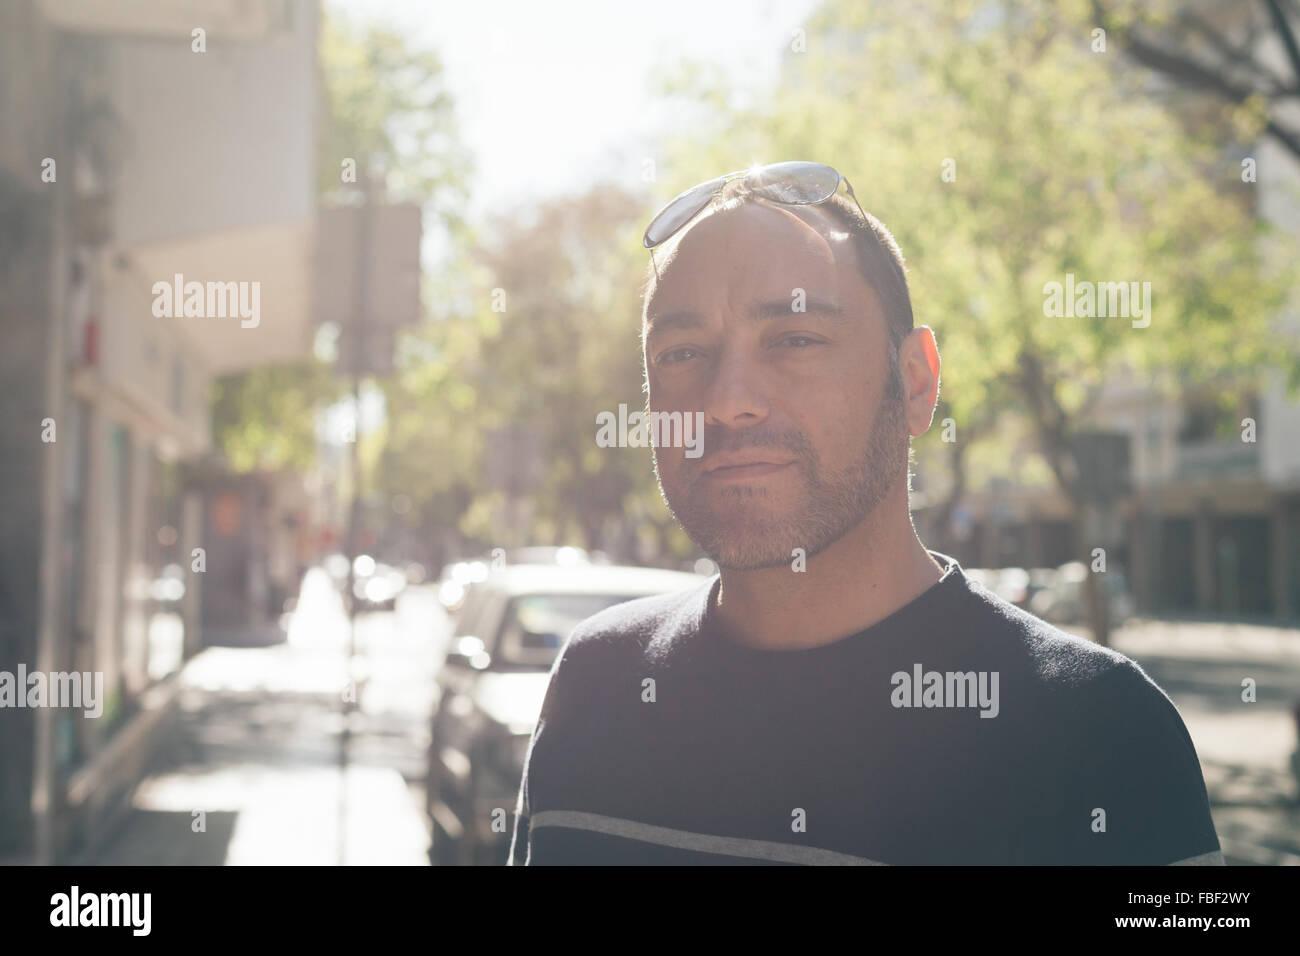 Porträt von Mitte erwachsenen Mann auf Wanderweg Stockbild